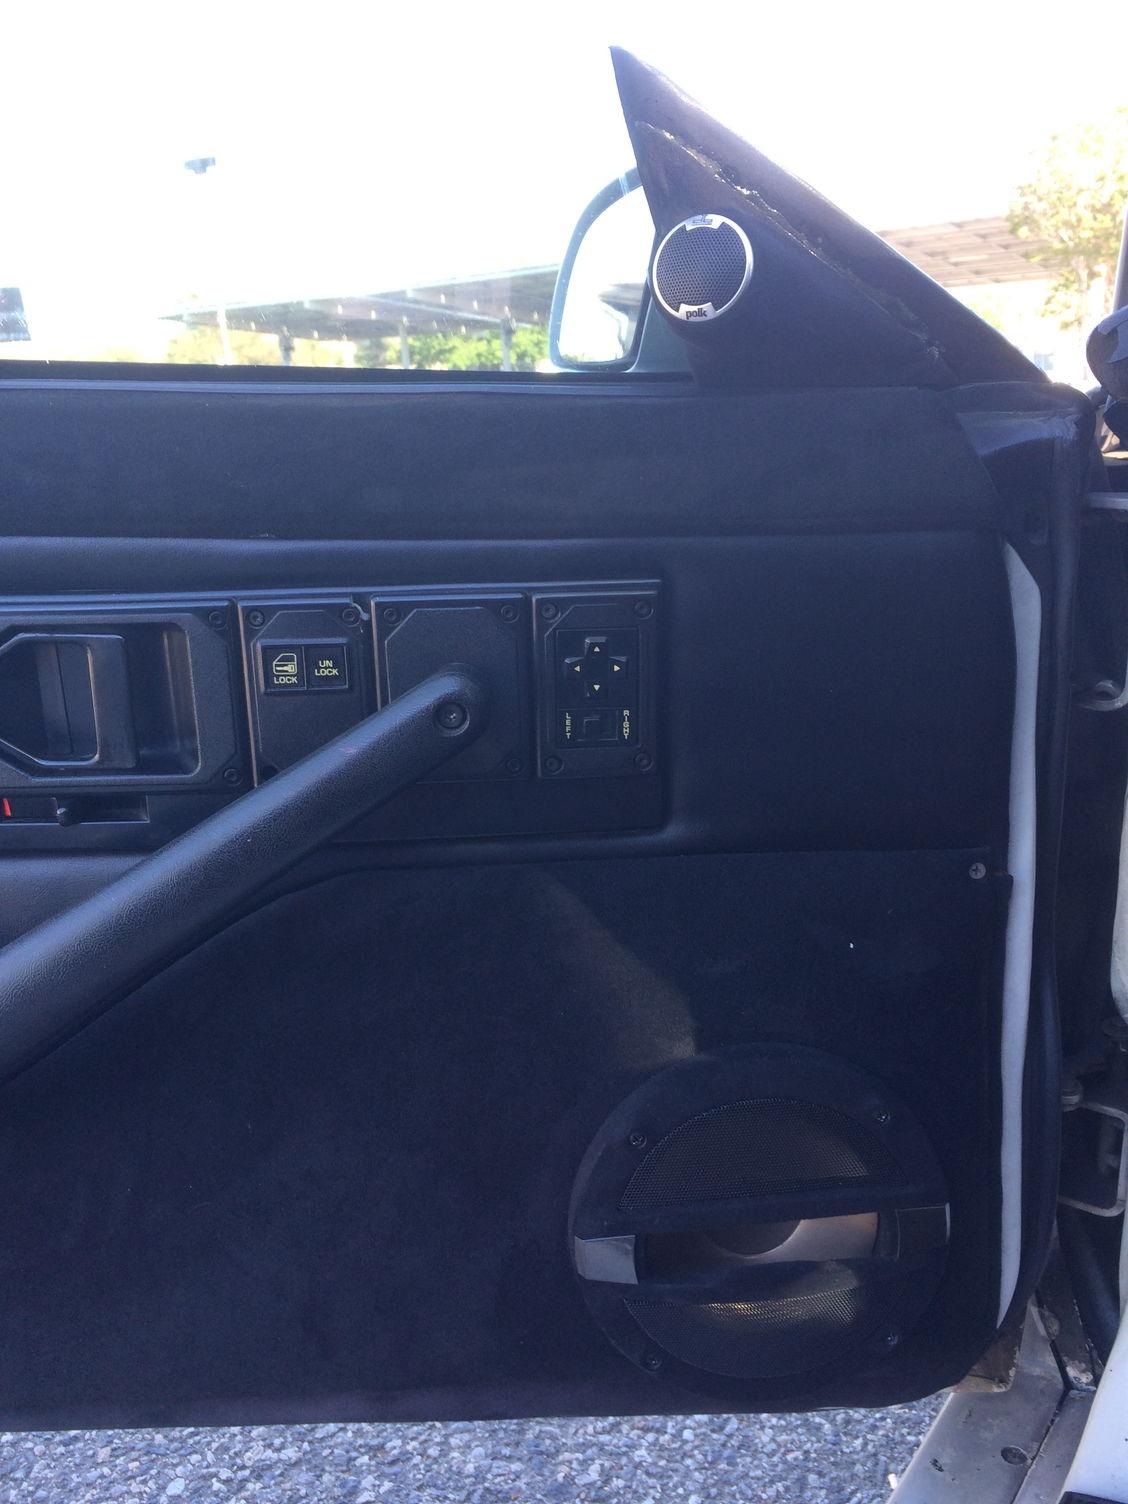 2003 Chevrolet Trailblazer Vs 2004 Gmc Envoy Vs 2009 Gmc